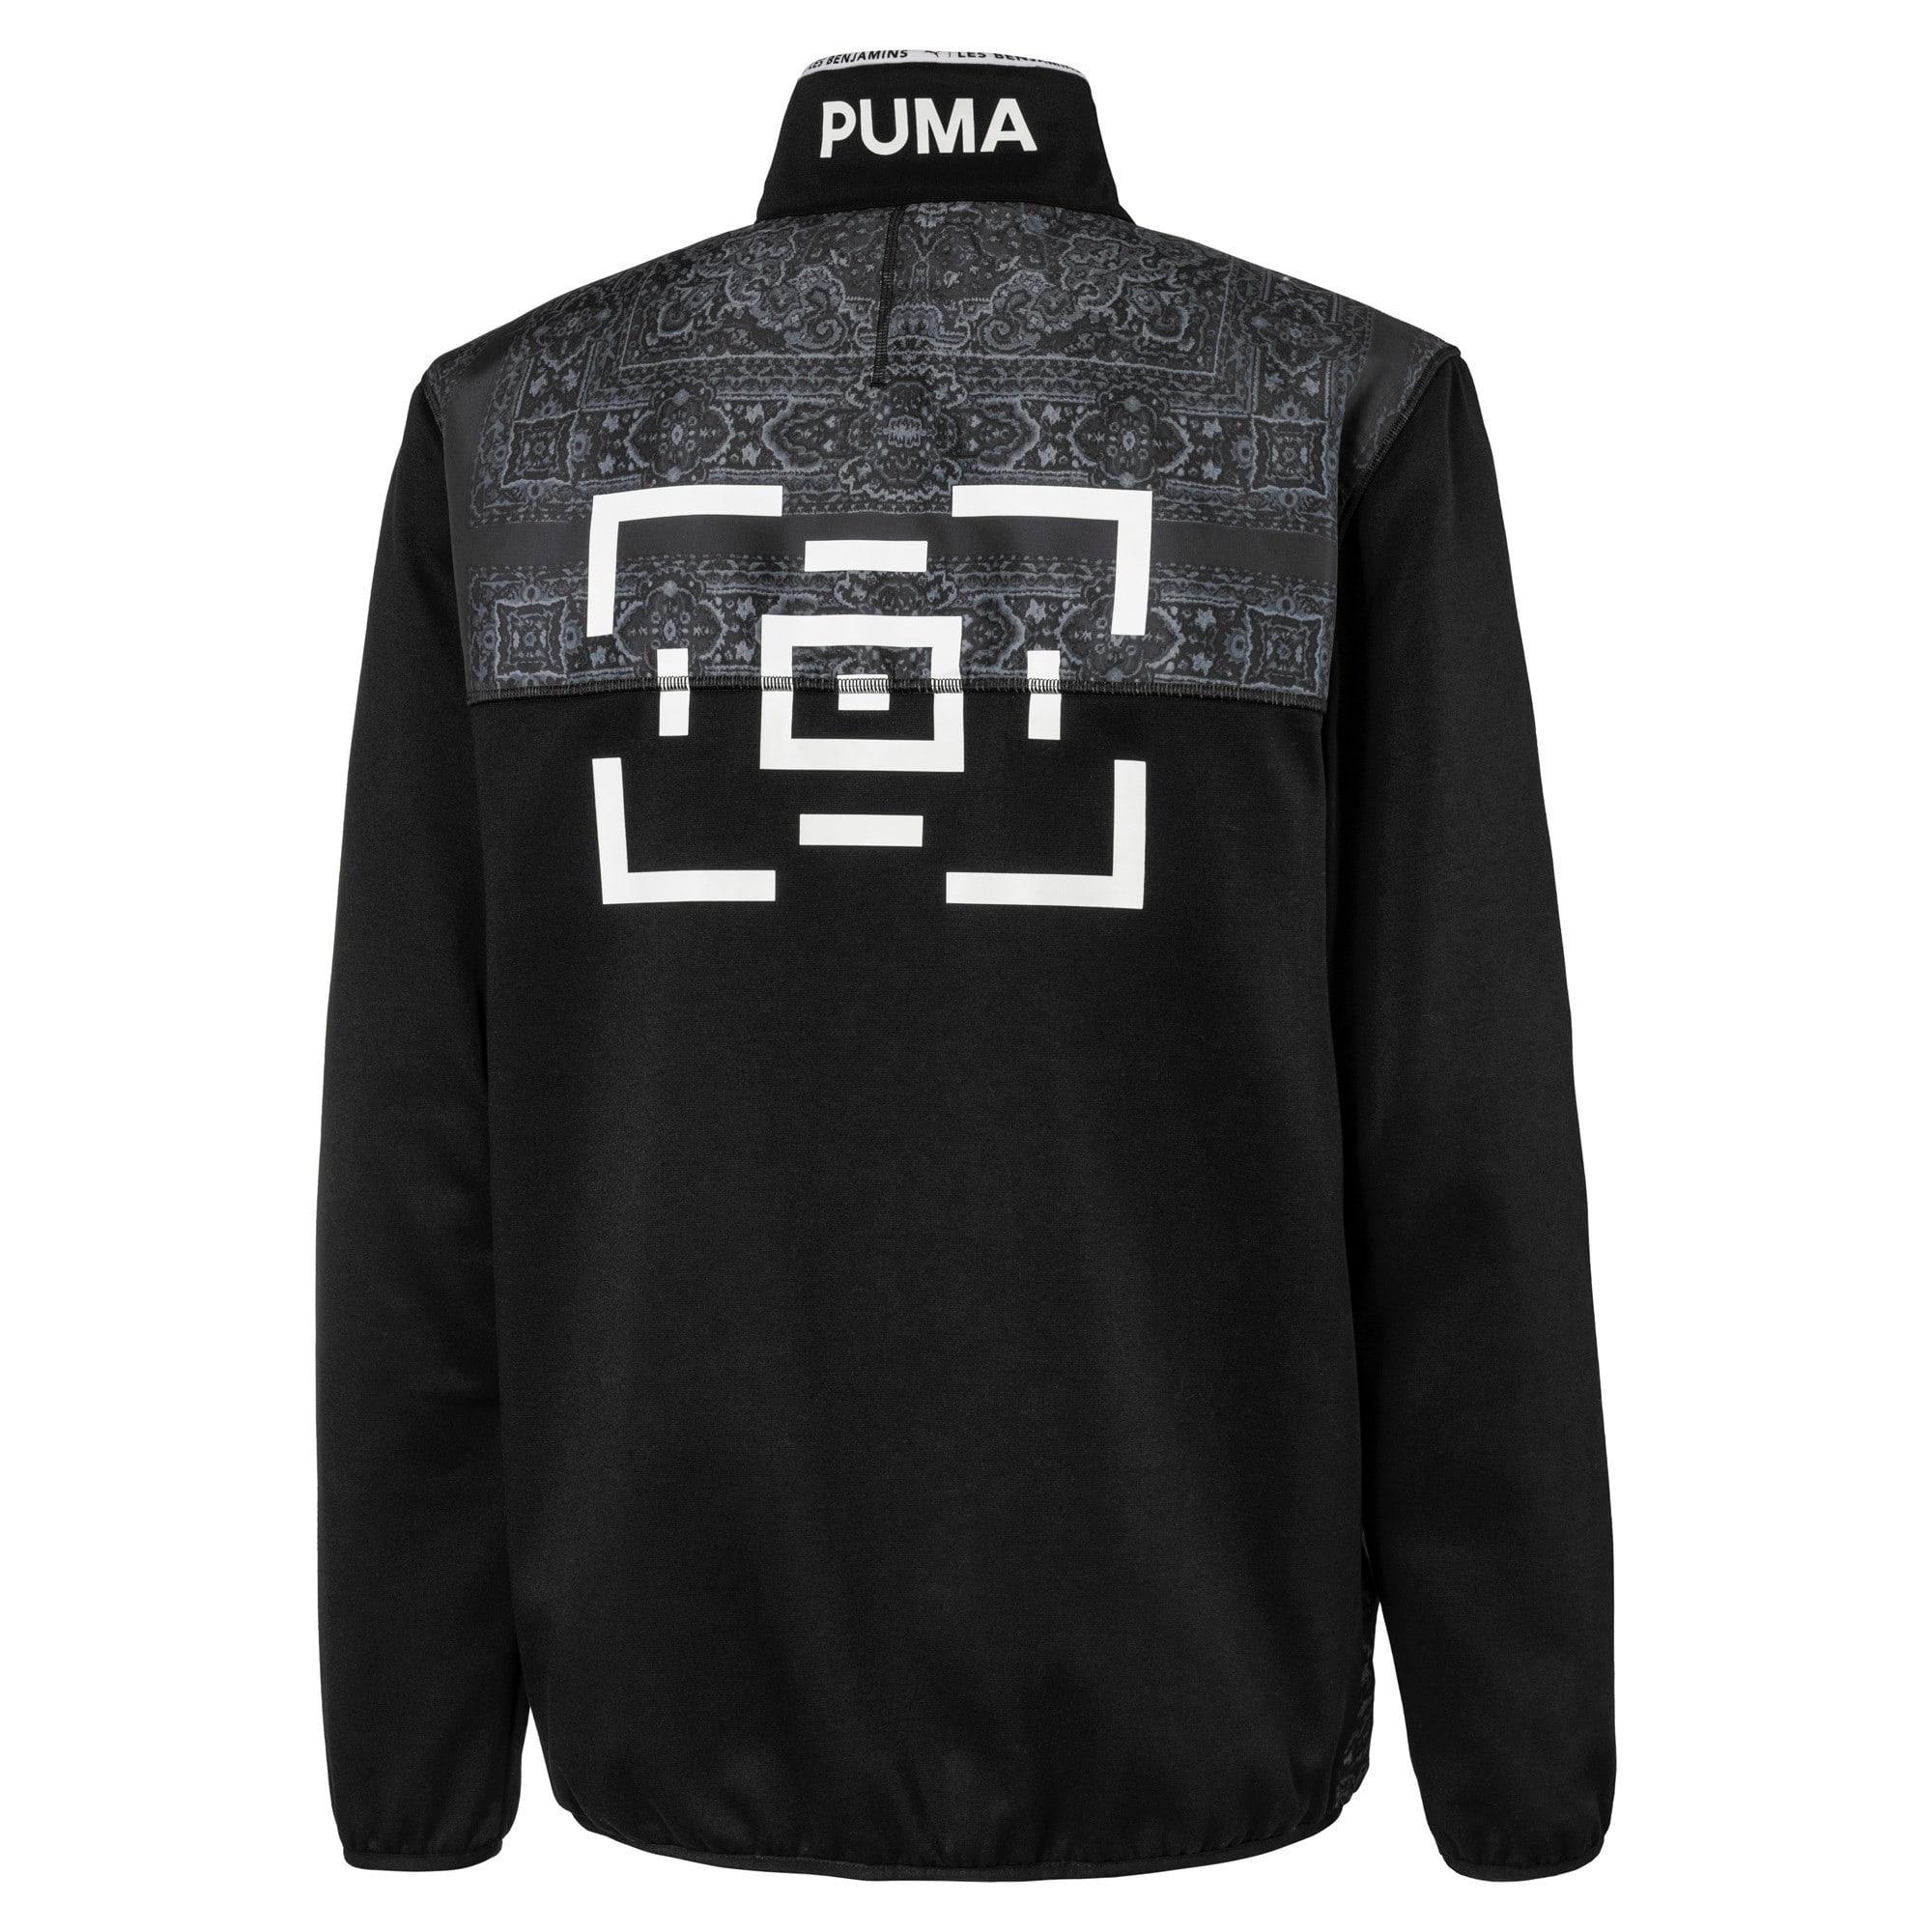 Thumbnail 5 of PUMA x LES BENJAMINS トラックジャケット, Puma Black, medium-JPN